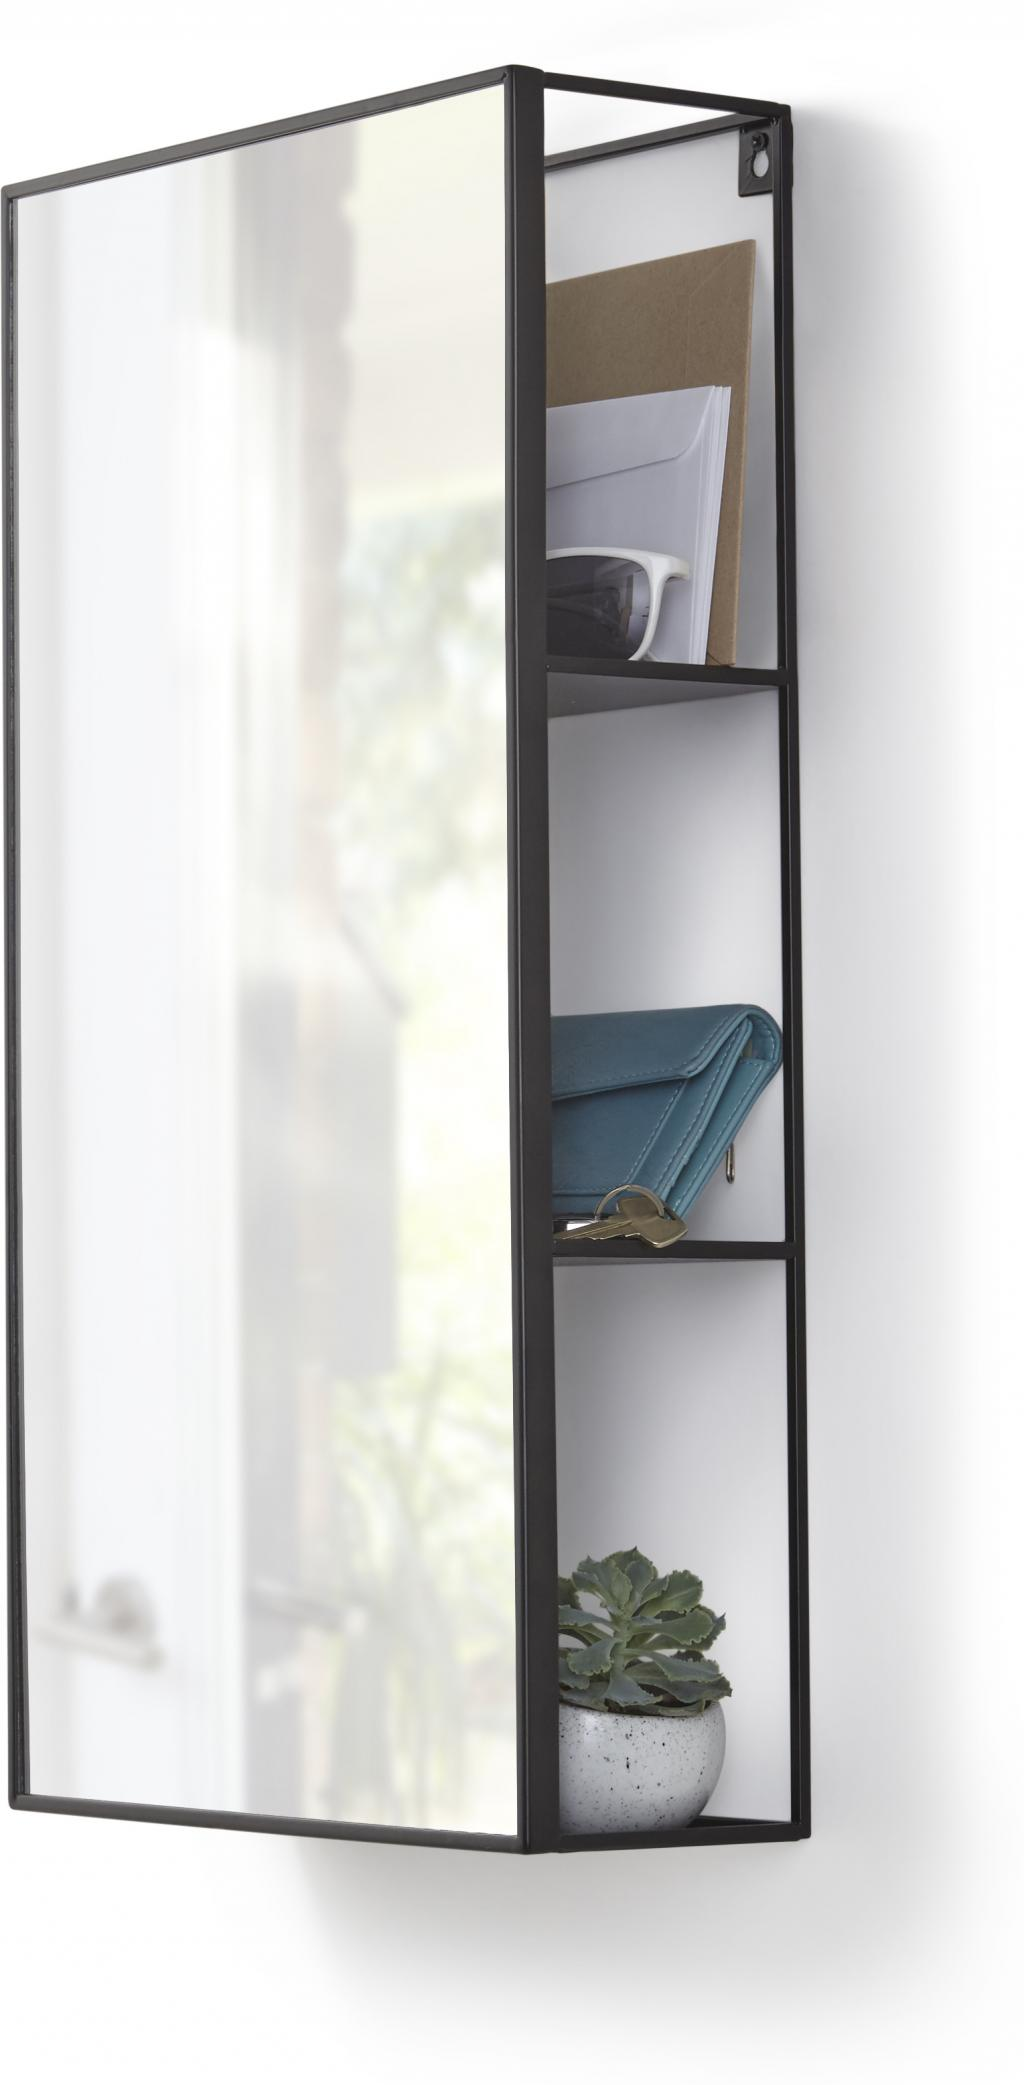 Badezimmerschrank cubiko mit spiegel metall for Badezimmerschrank spiegel